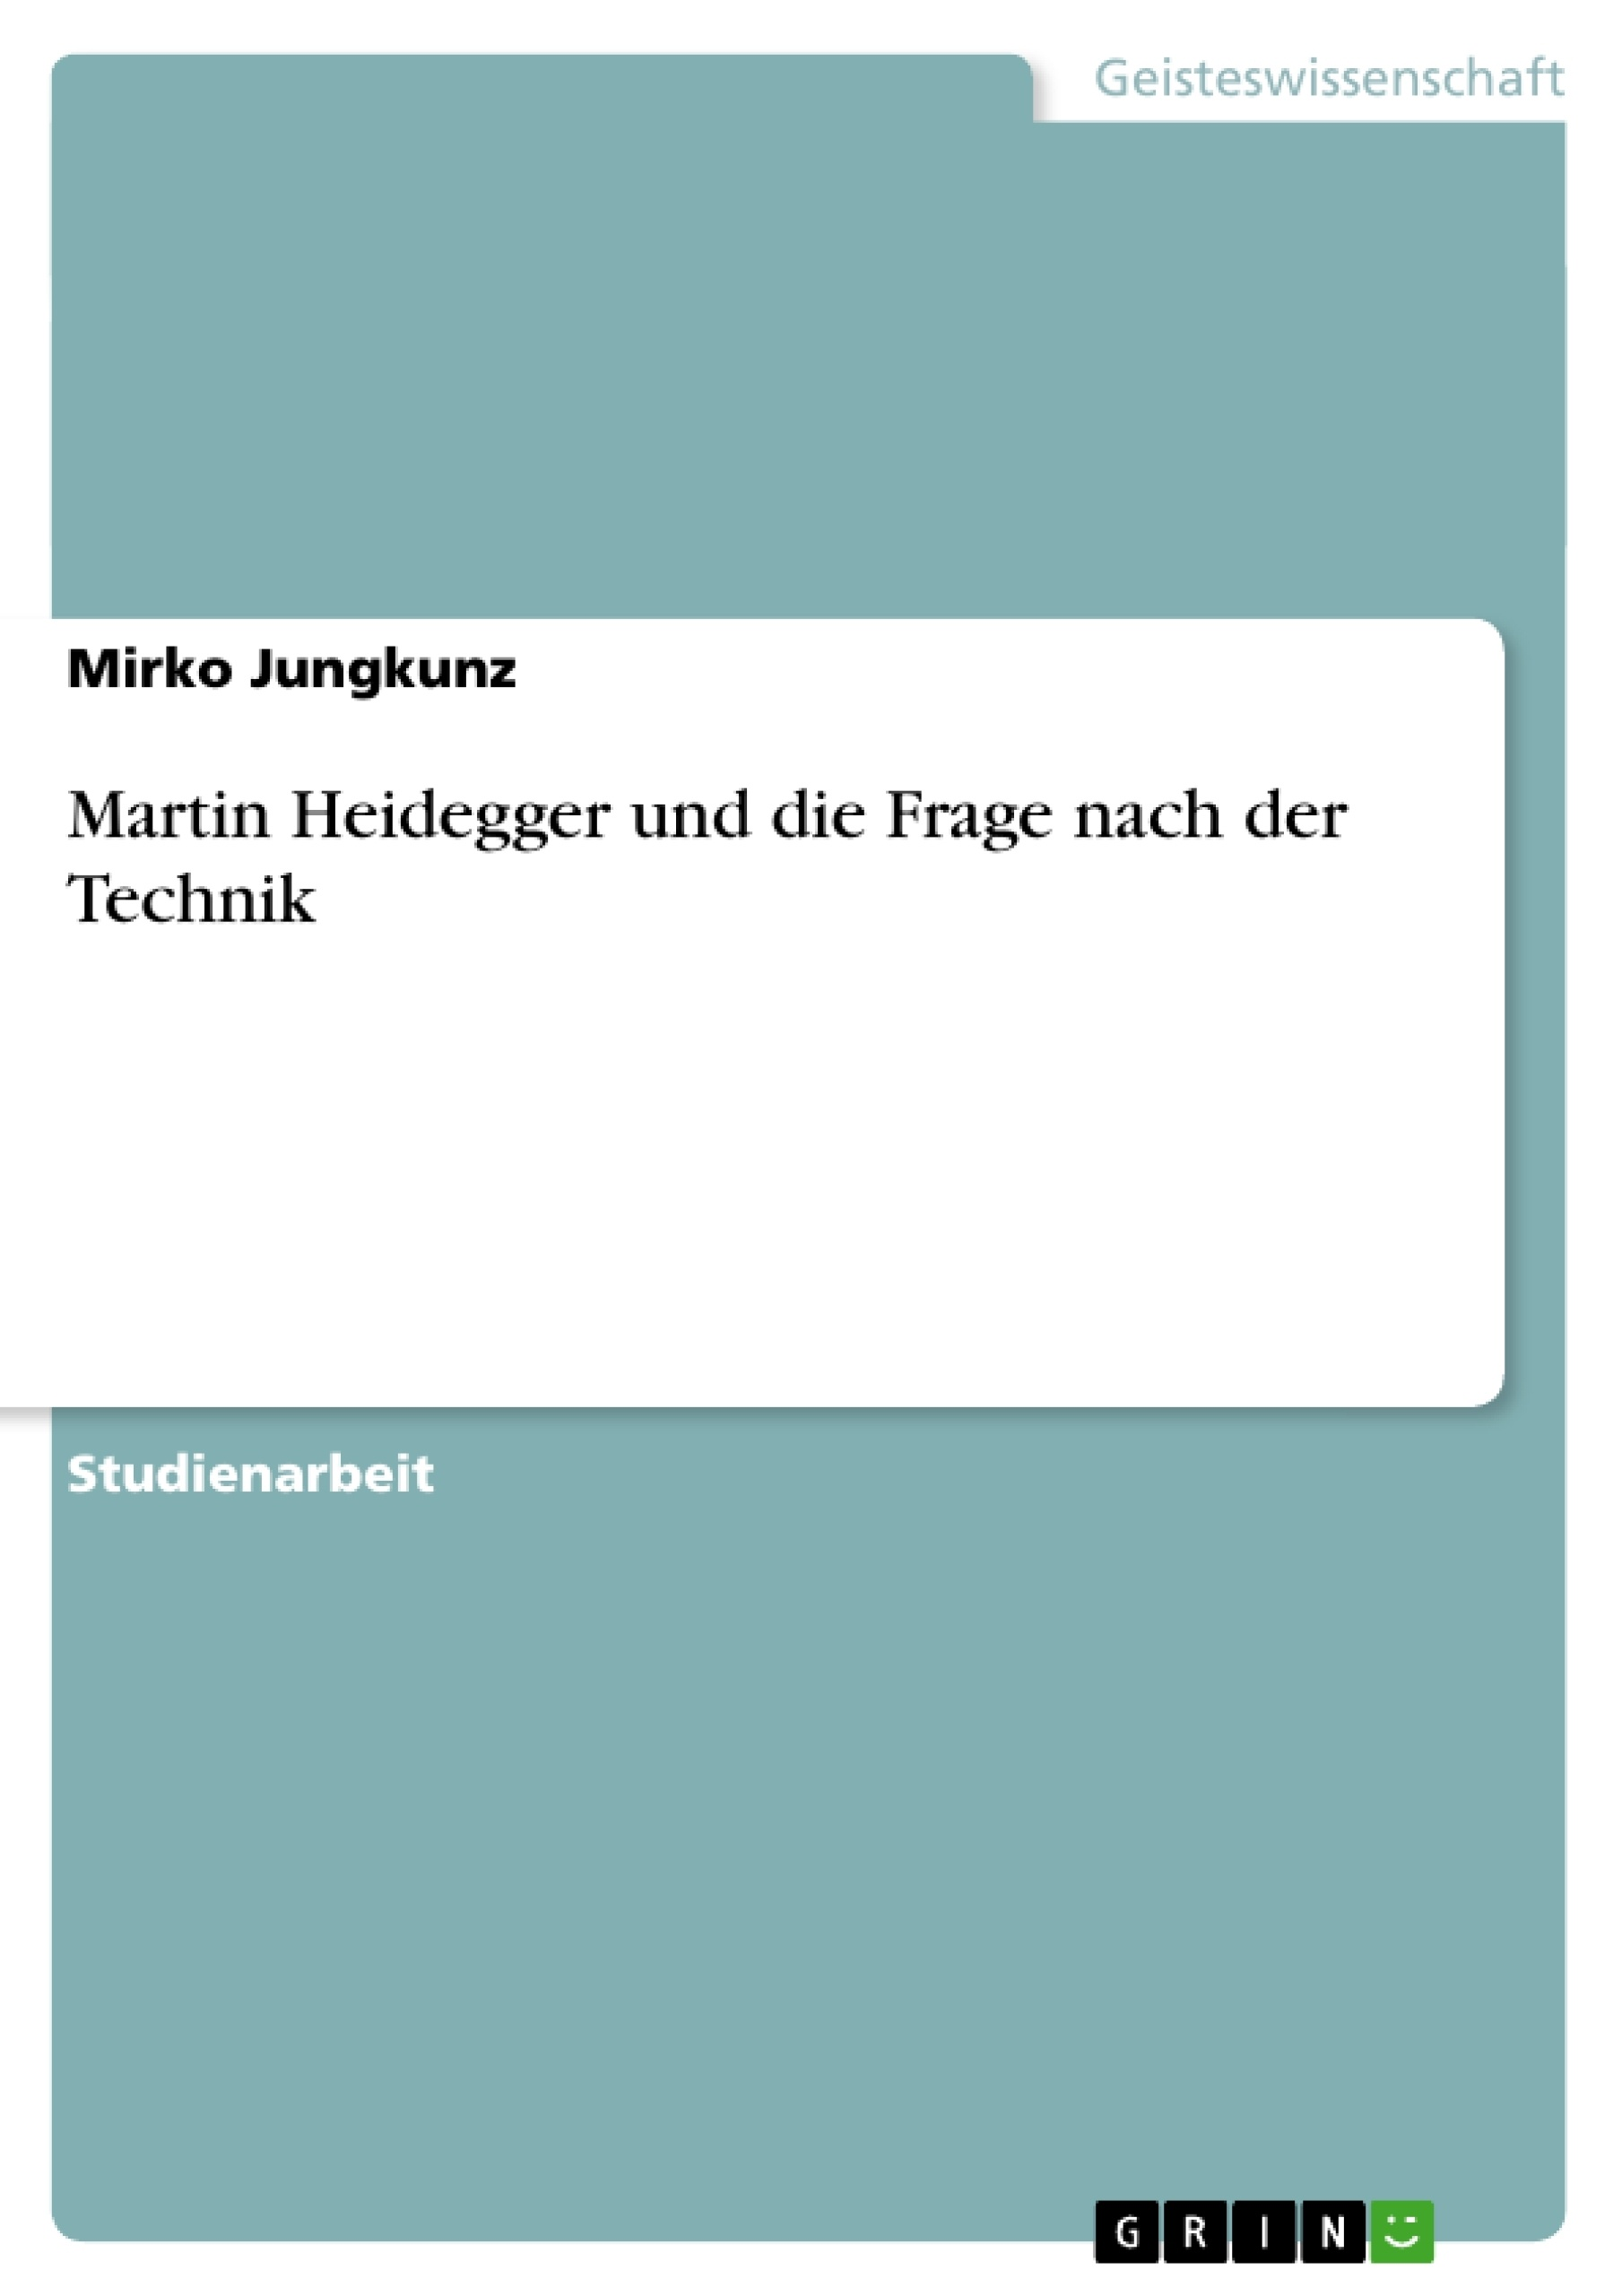 Titel: Martin Heidegger und die Frage nach der Technik